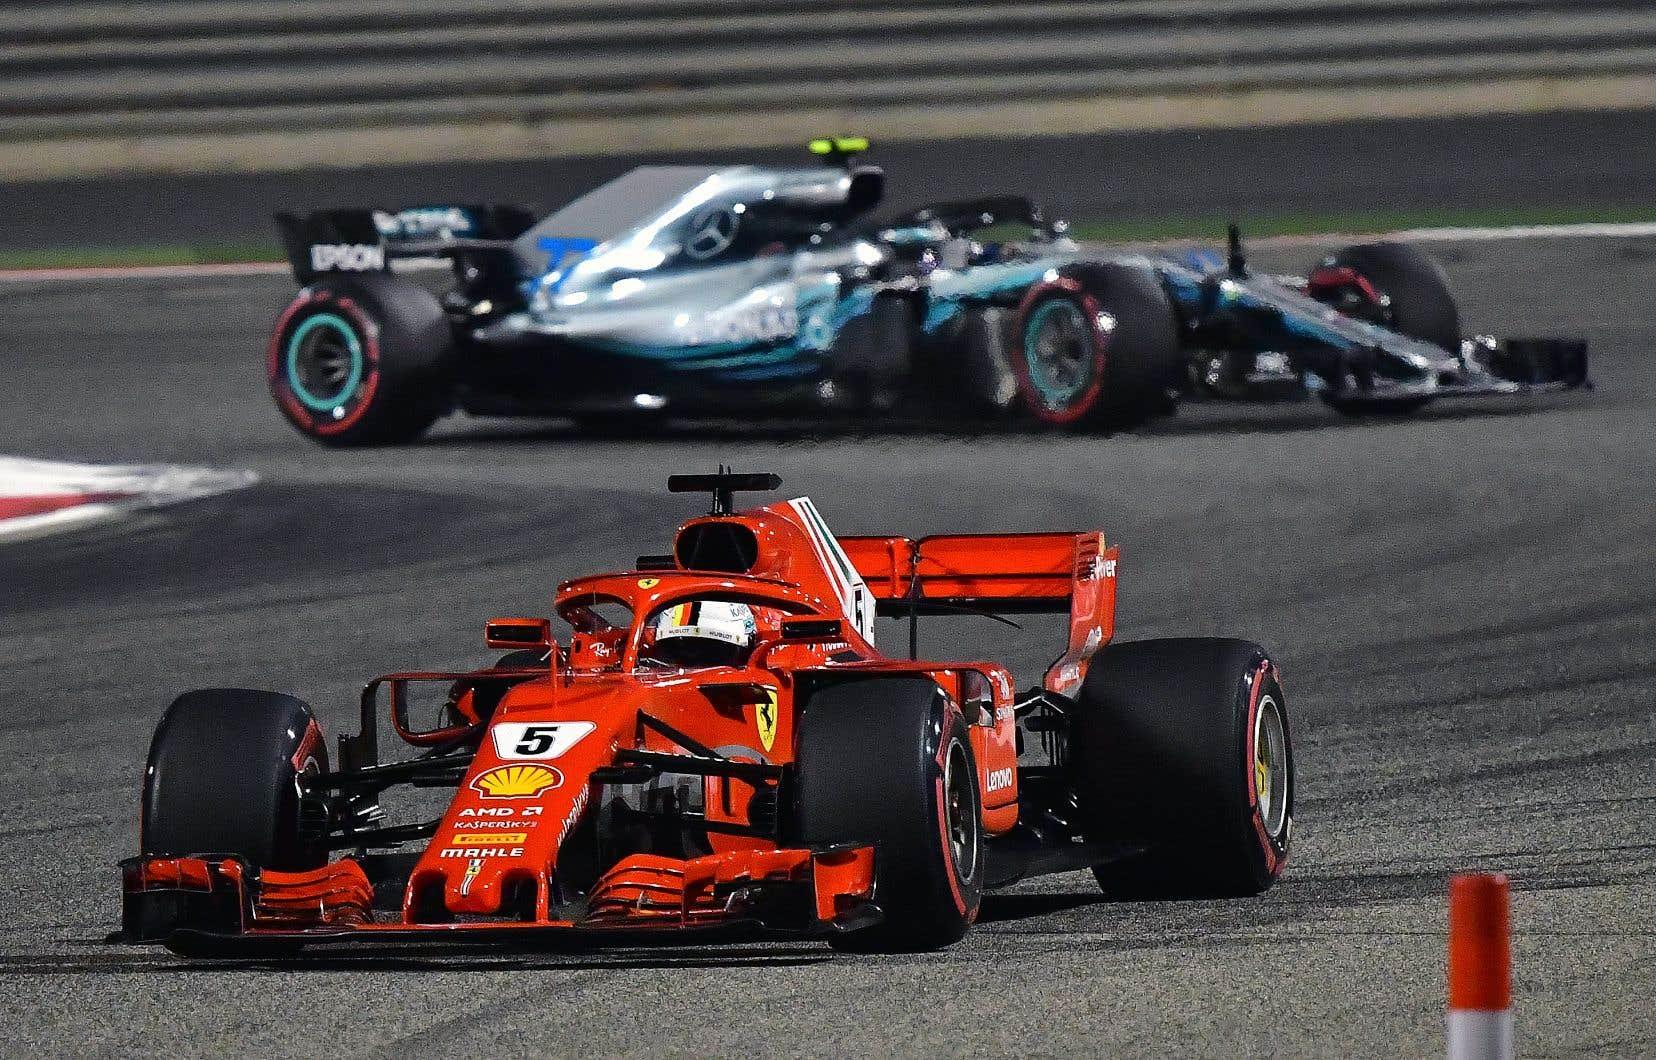 Le pilote allemand Sebastian Vettel, de l'écurie Ferrari, négocie une courbe de la piste du Grand Prix de Bahreïn.